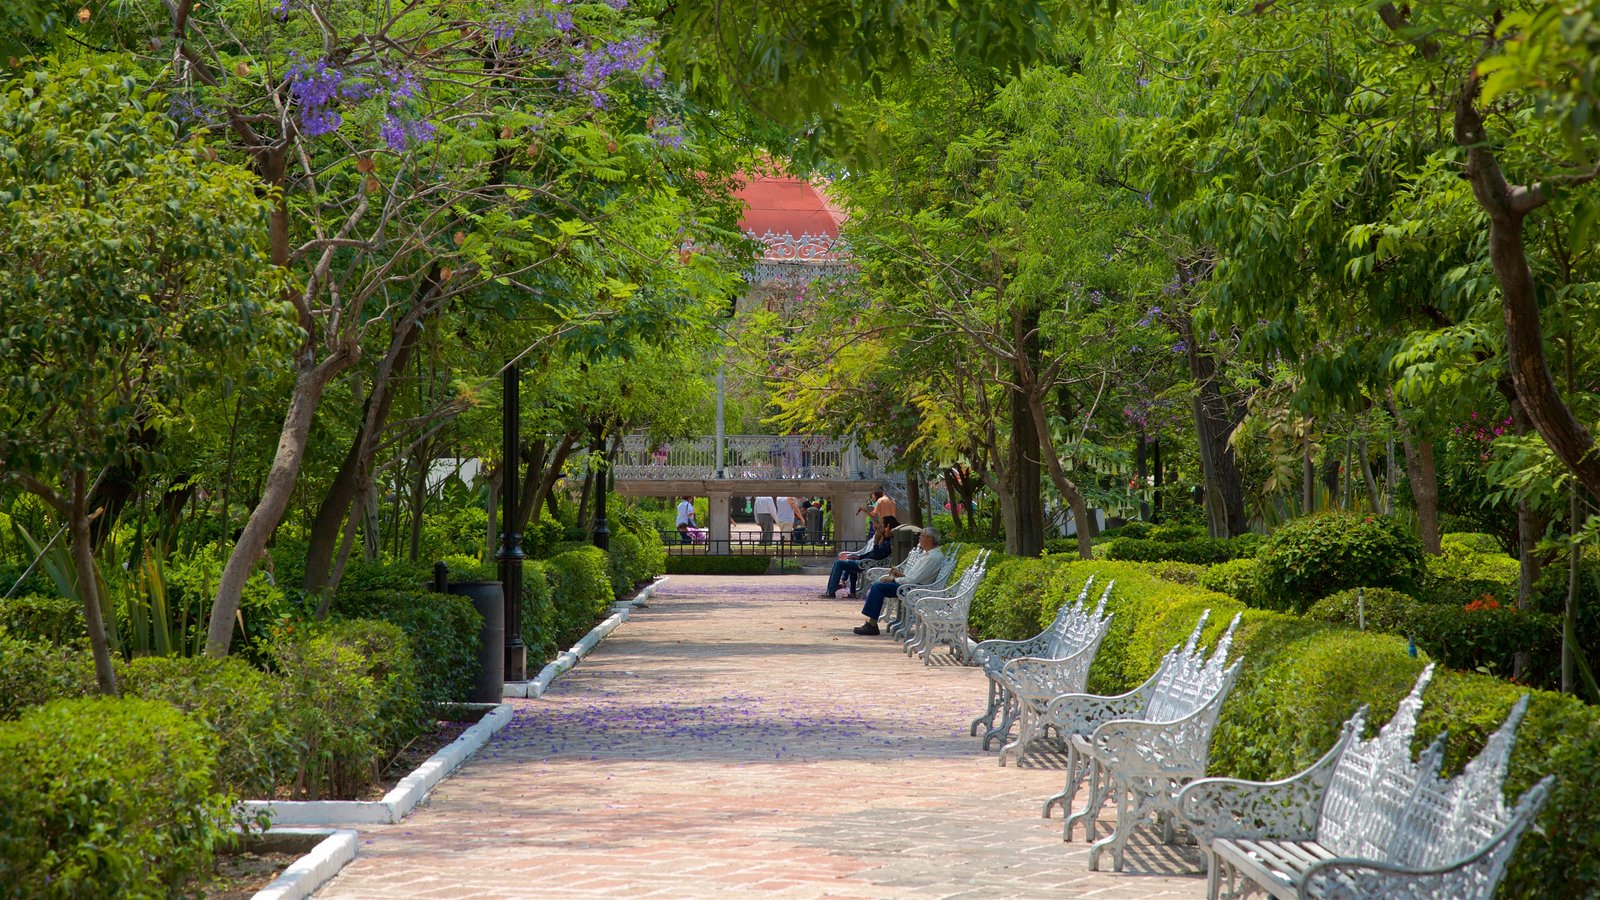 Gardens parks pictures view images of aguascalientes for Fotos de jardines de casas